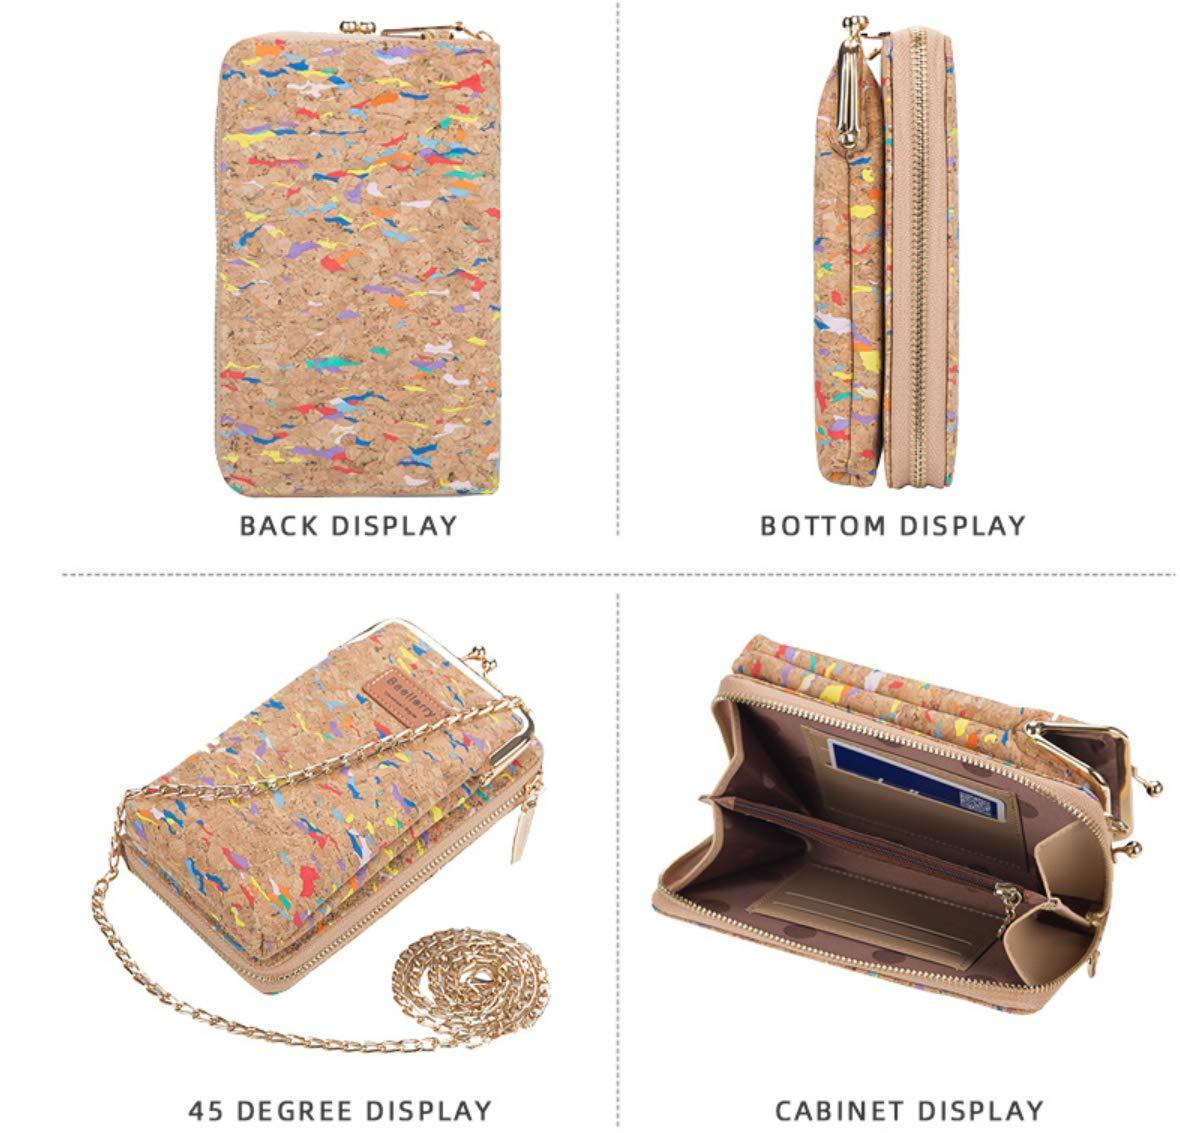 MILASIA Praktisk axelväska – dam axelväska kork liten väska dam retro plånbok pass mobiltelefonficka, lämplig för mobiltelefoner under 7 tum en storlek 9 17